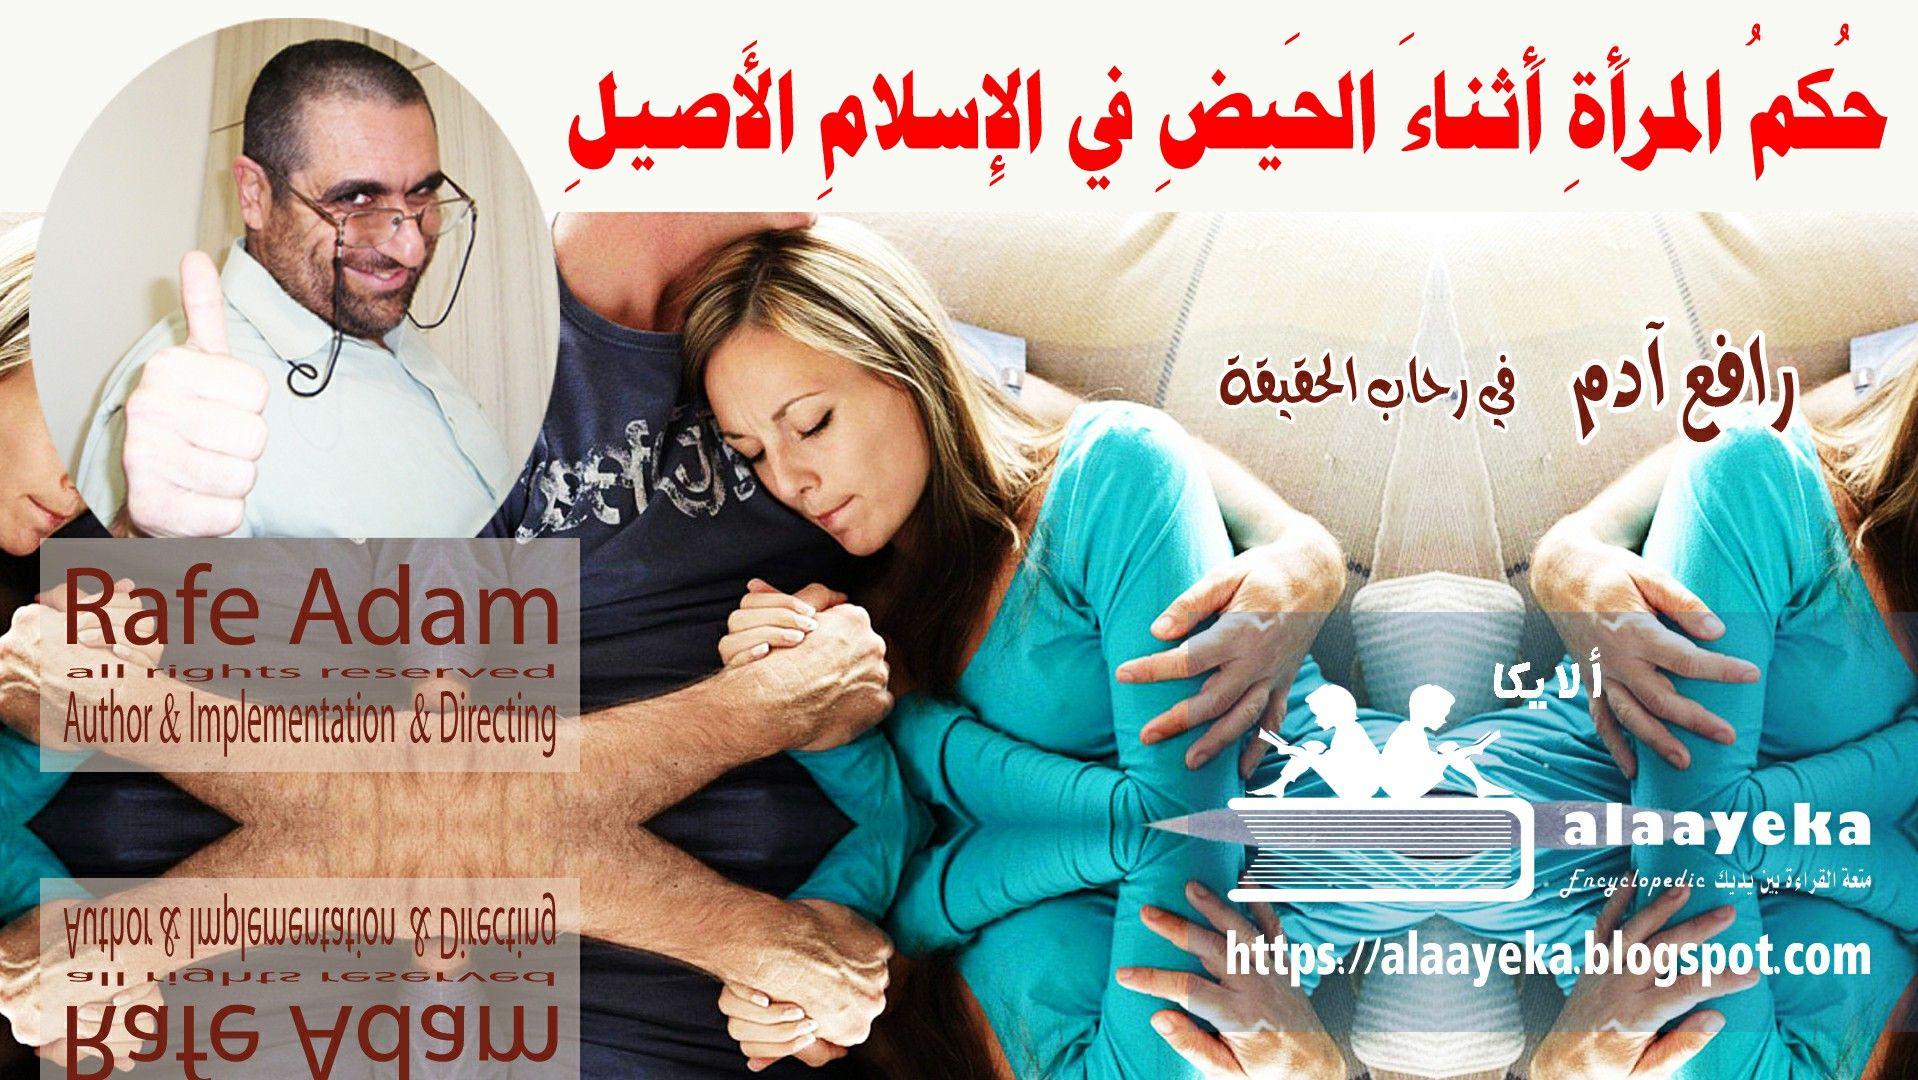 ح كم المرأ ة أ ثناء الح يض في الإ سلام الأ صيل Movie Posters Blog Posts Poster